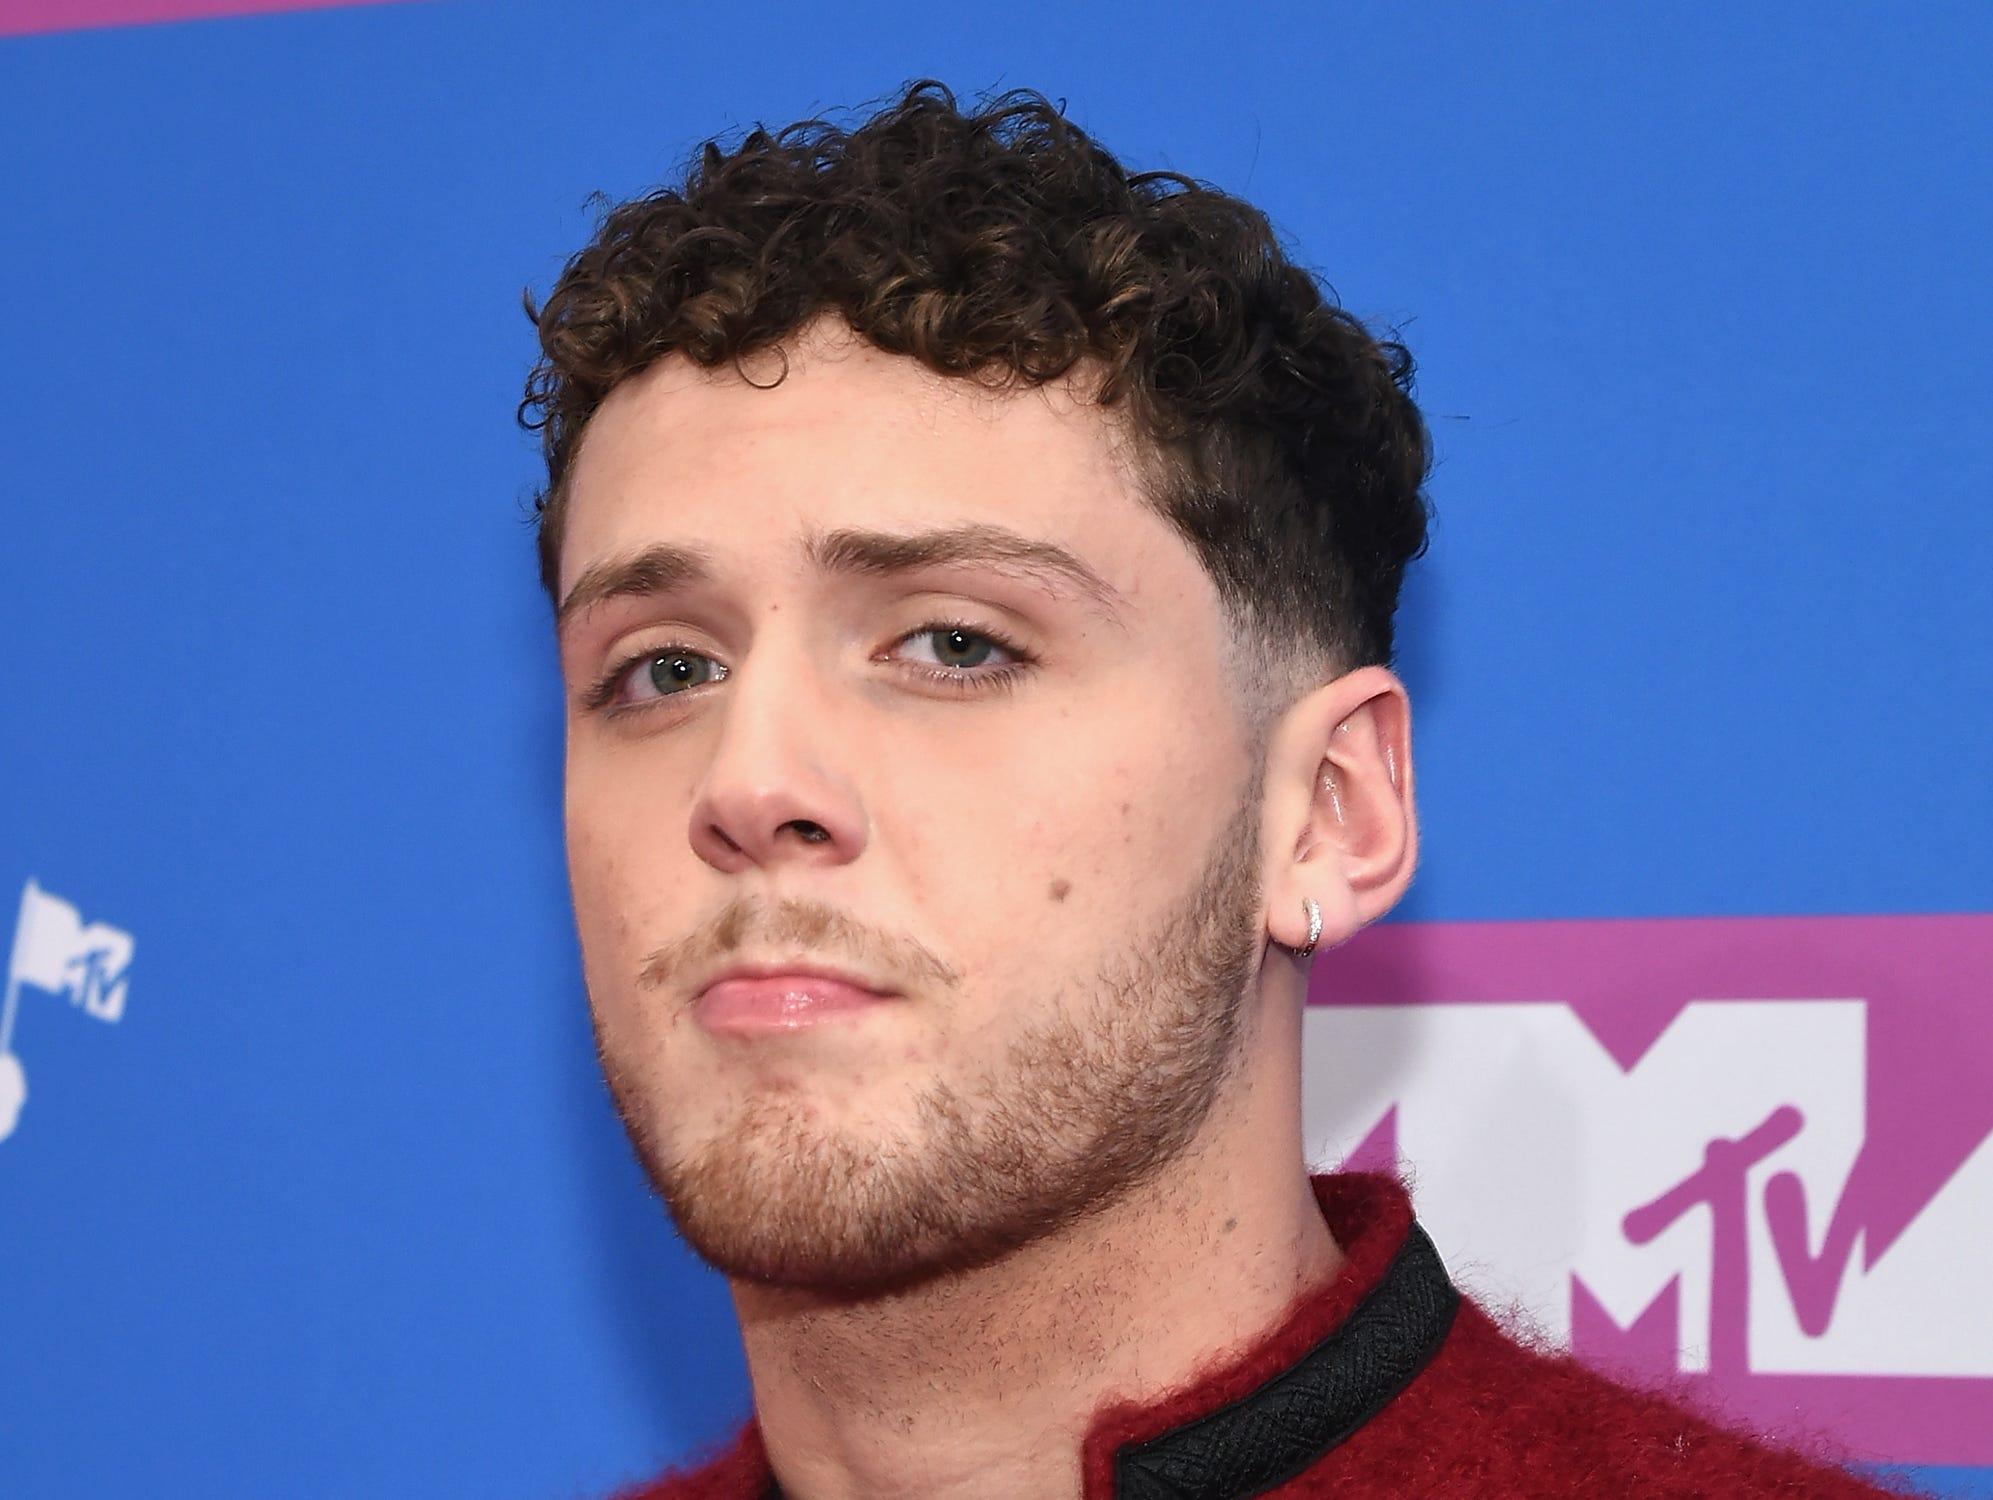 Bazzi asiste a los MTV Video Music Awards 2018 en el Radio City Music Hall el 20 de agosto de 2018 en la ciudad de Nueva York.